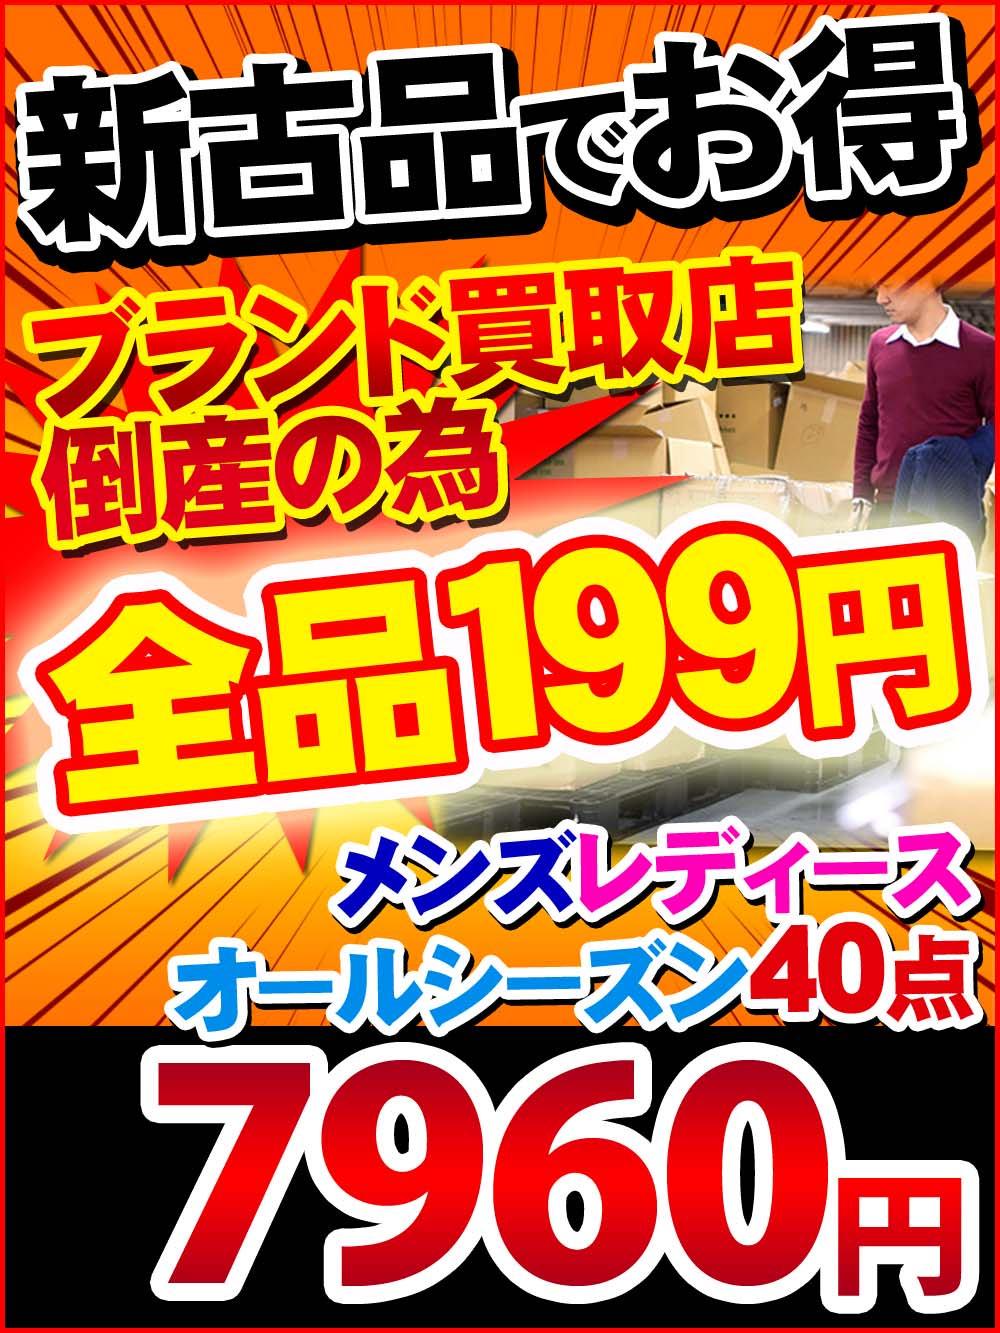 【新古品でお得】ブランド買取店倒産の為メンズレディースオールシーズン40点@199